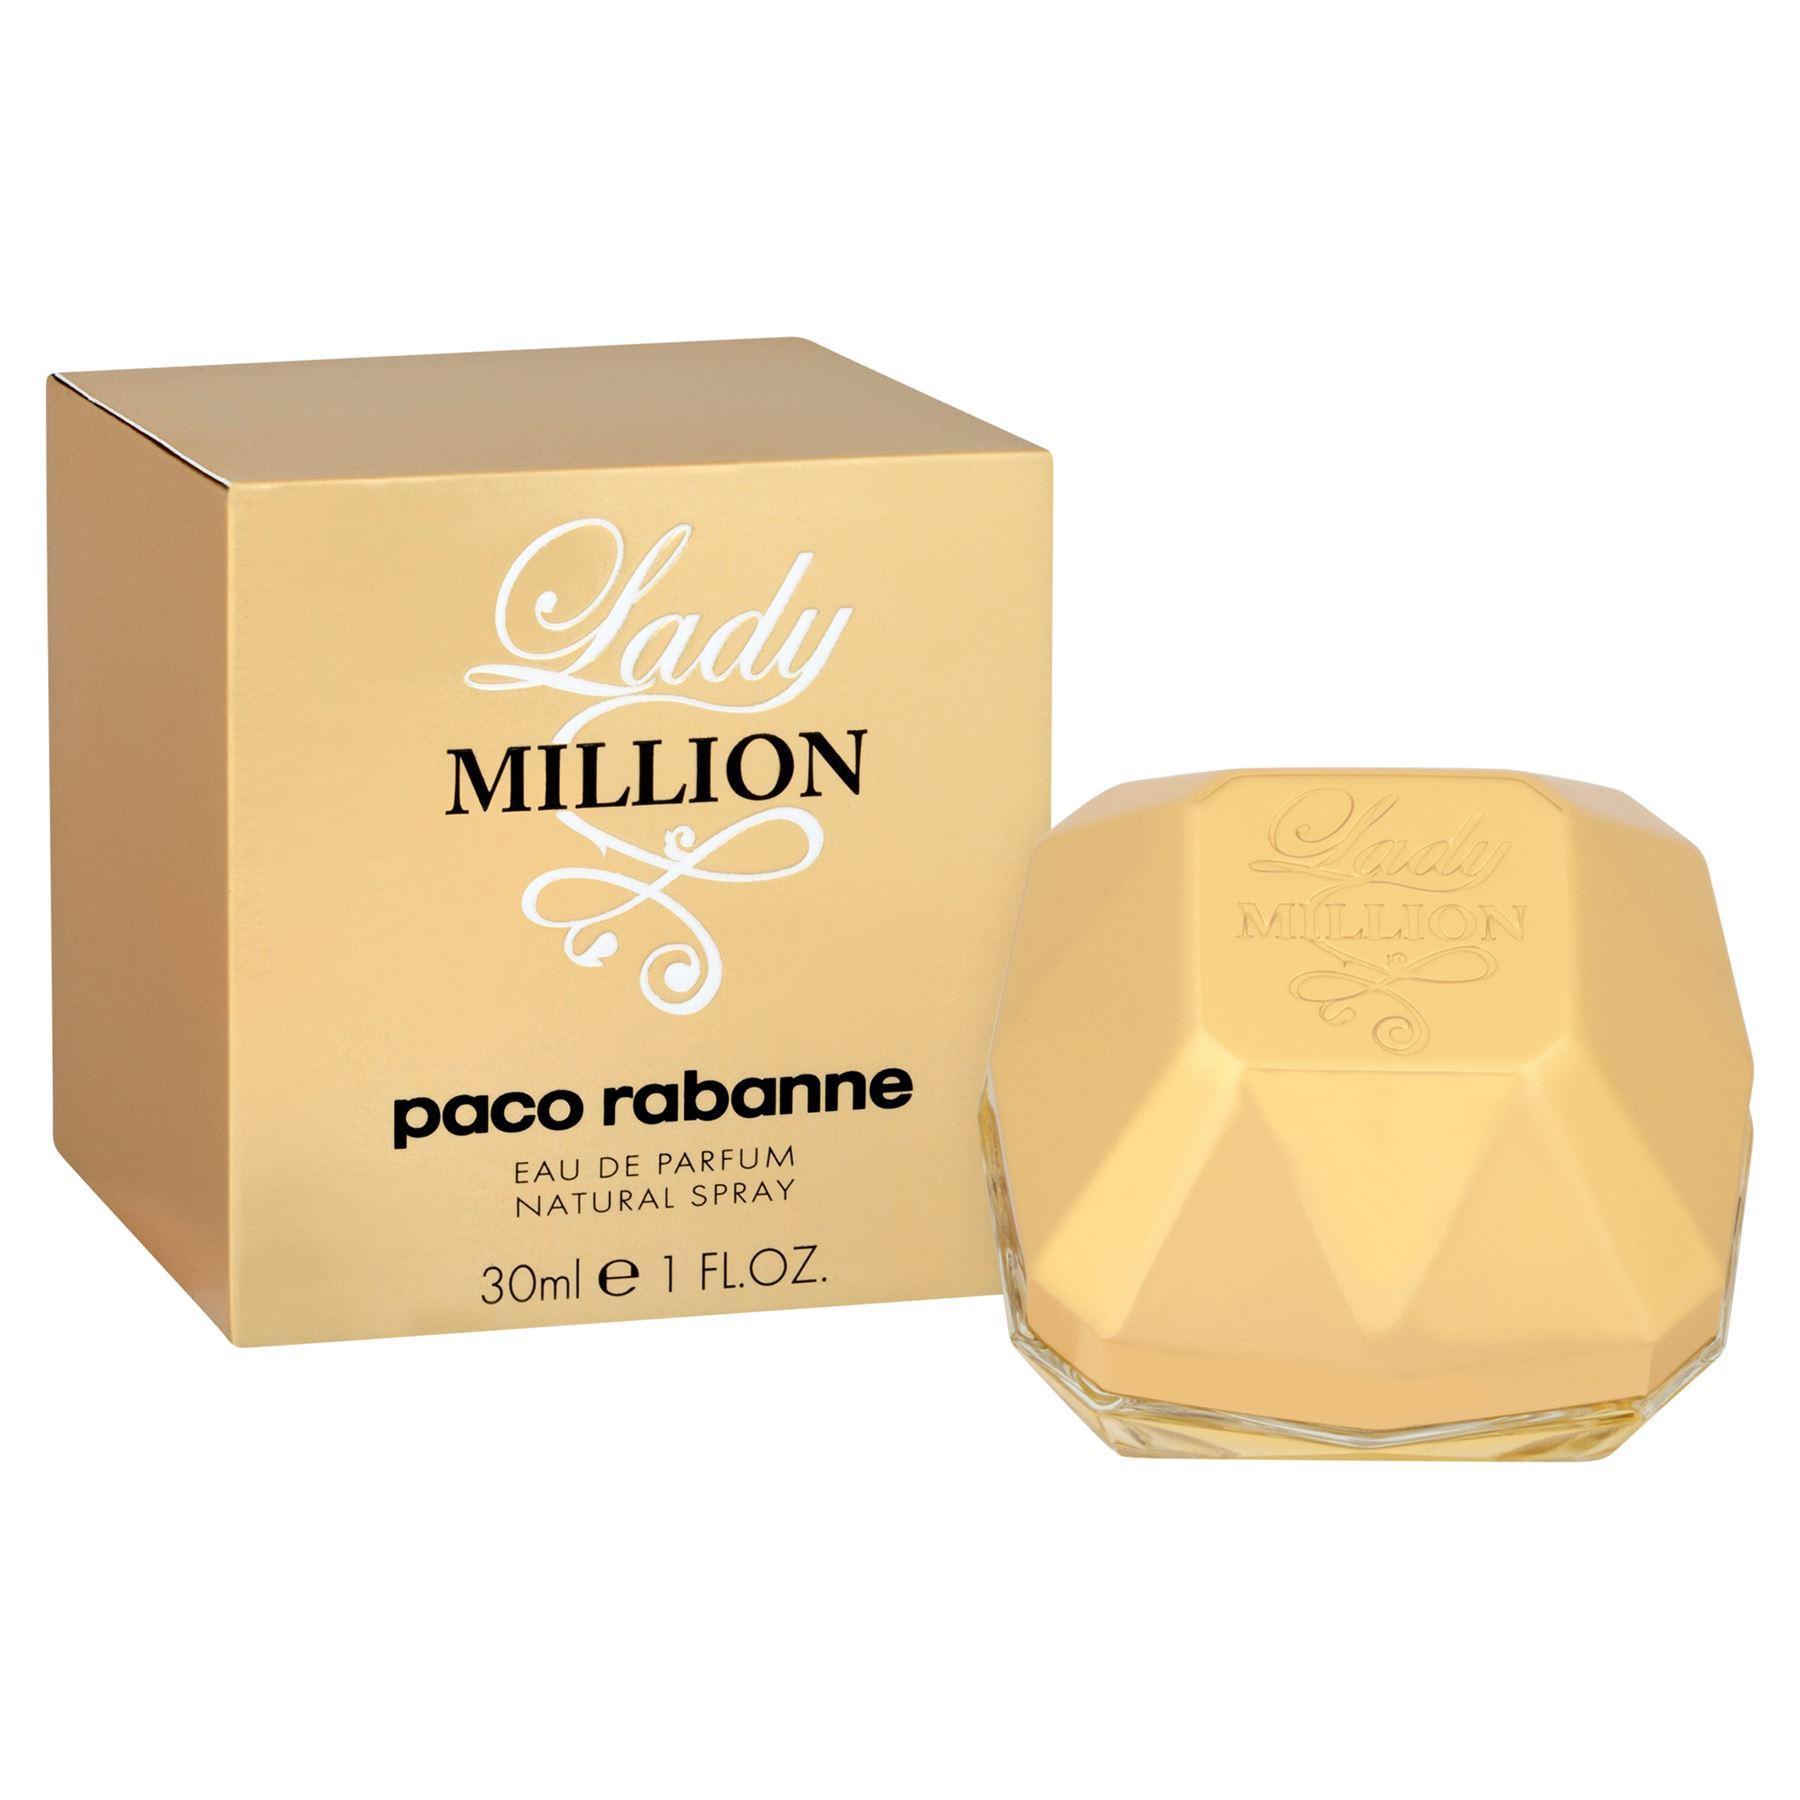 paco rabanne lady million eau de parfum natural spray 30ml. Black Bedroom Furniture Sets. Home Design Ideas